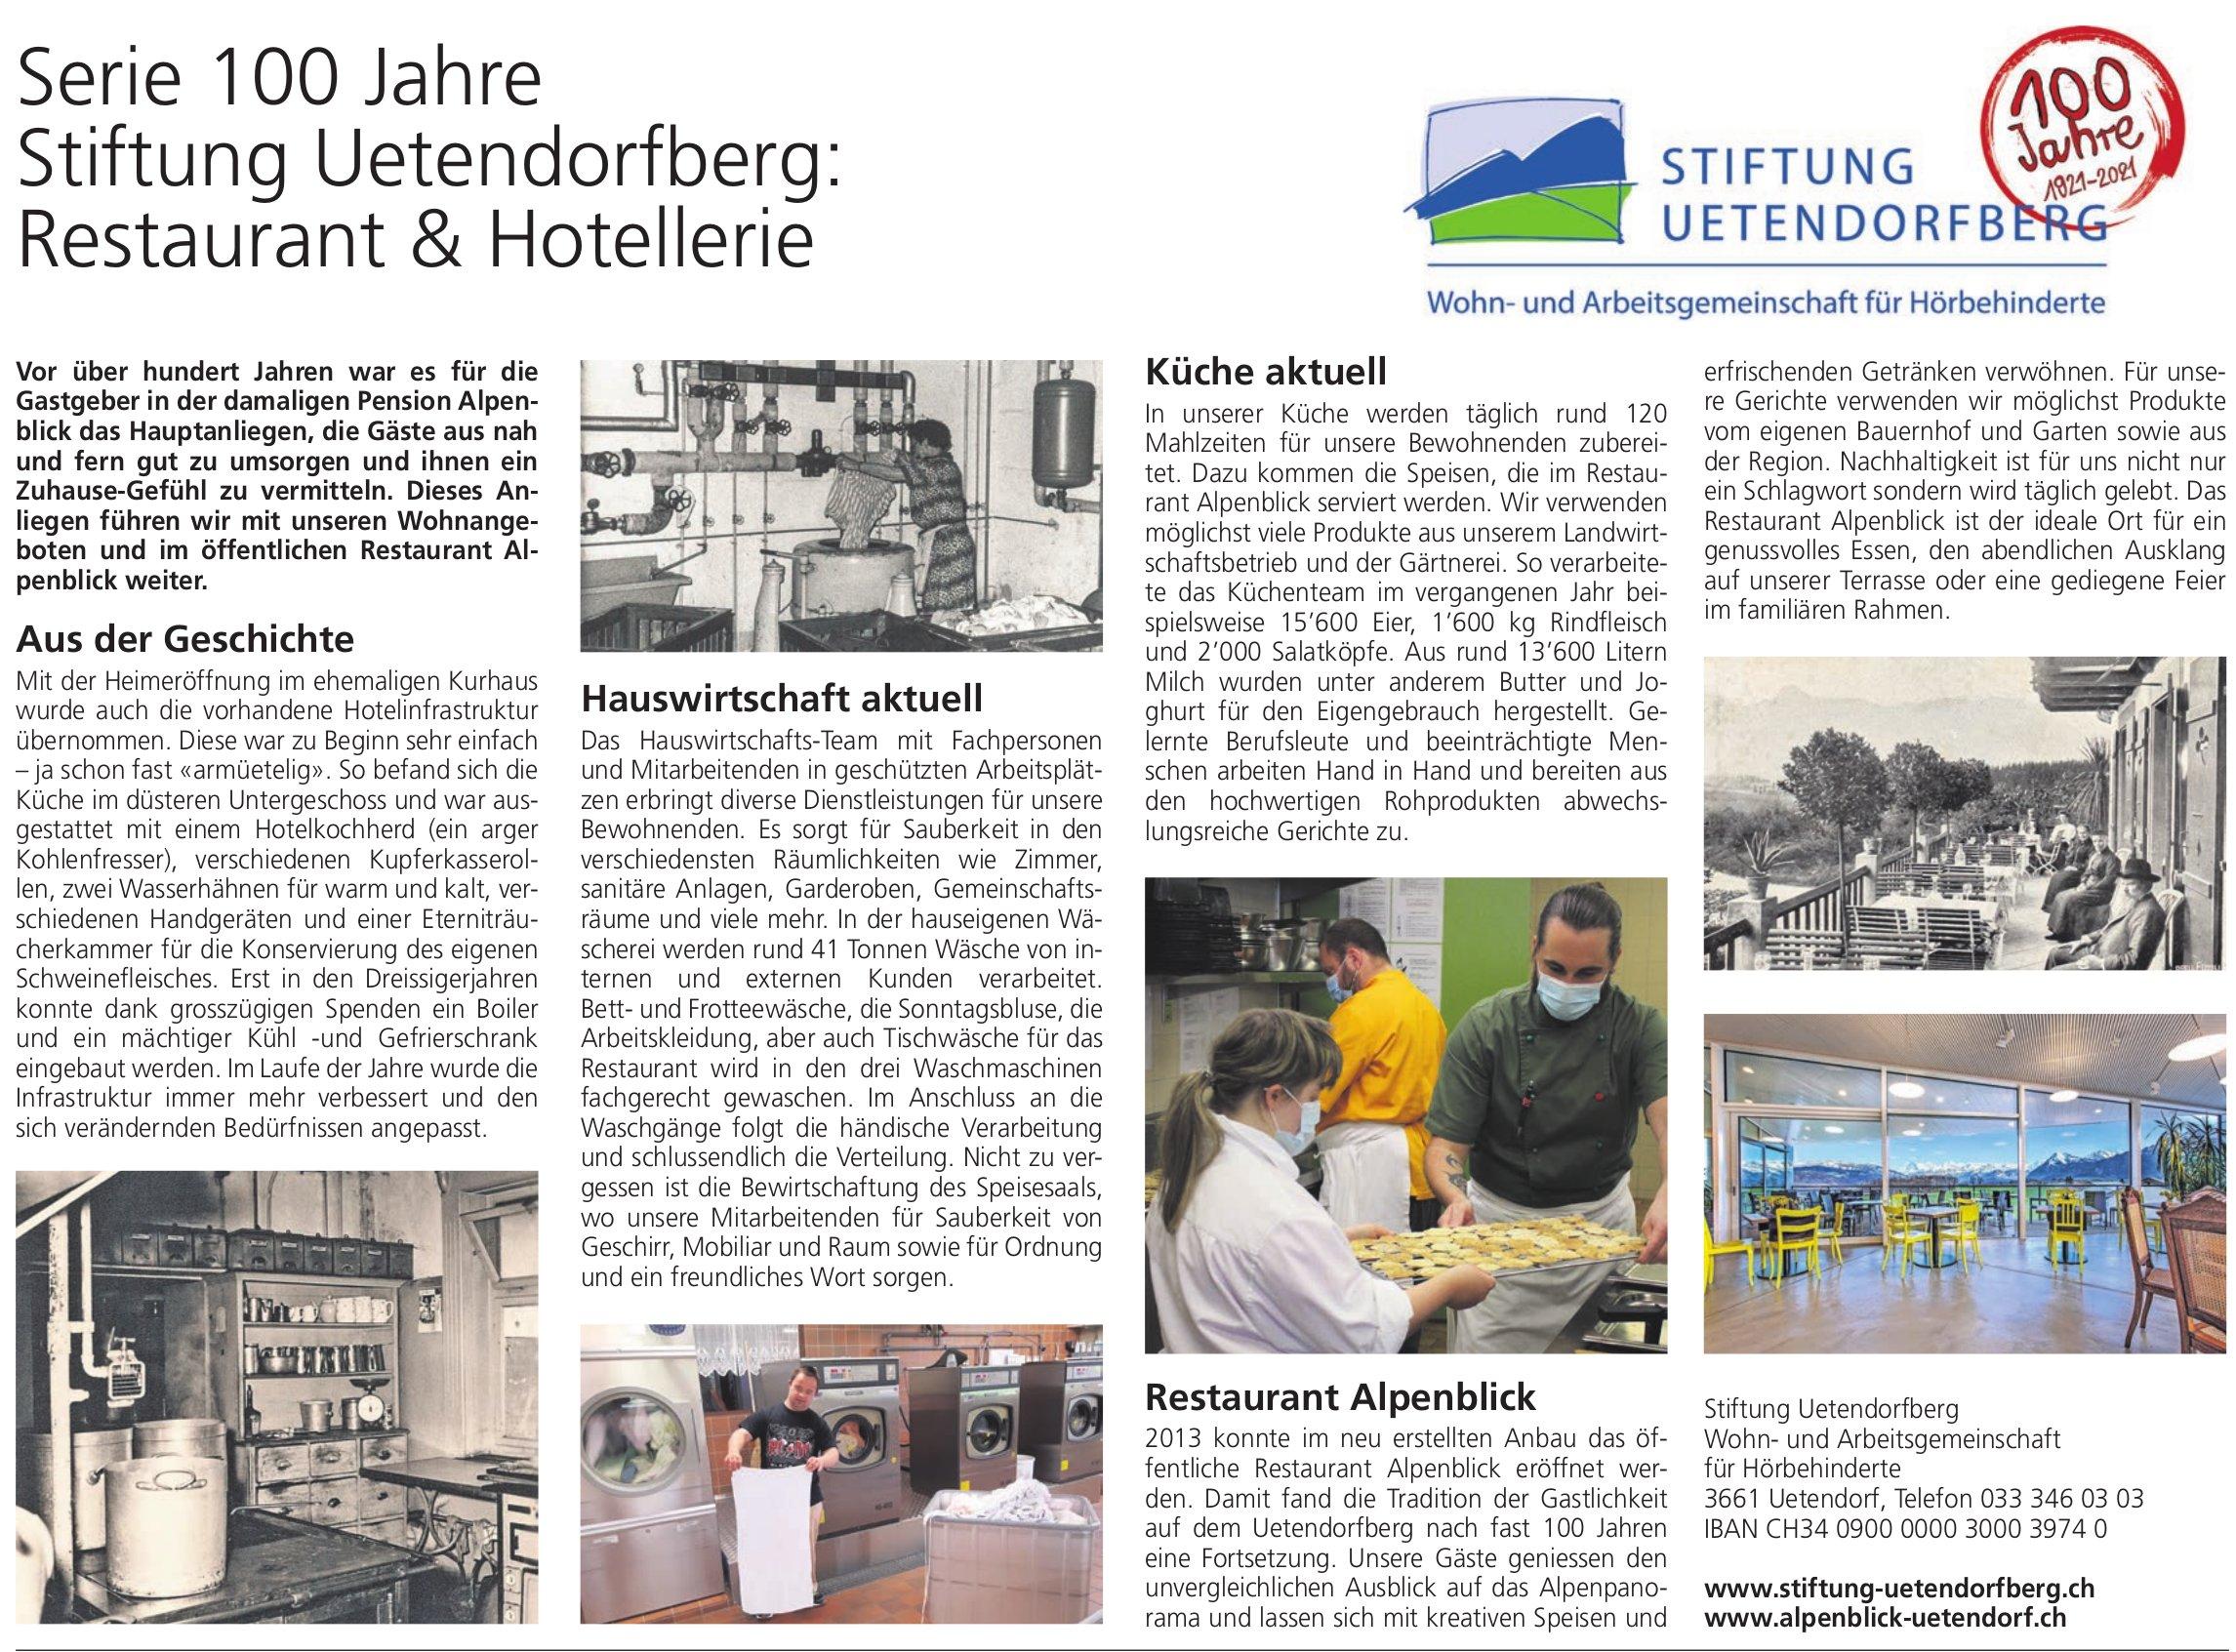 Serie 100 Jahre Stiftung Uetendorfberg: Restaurant & Hotellerie